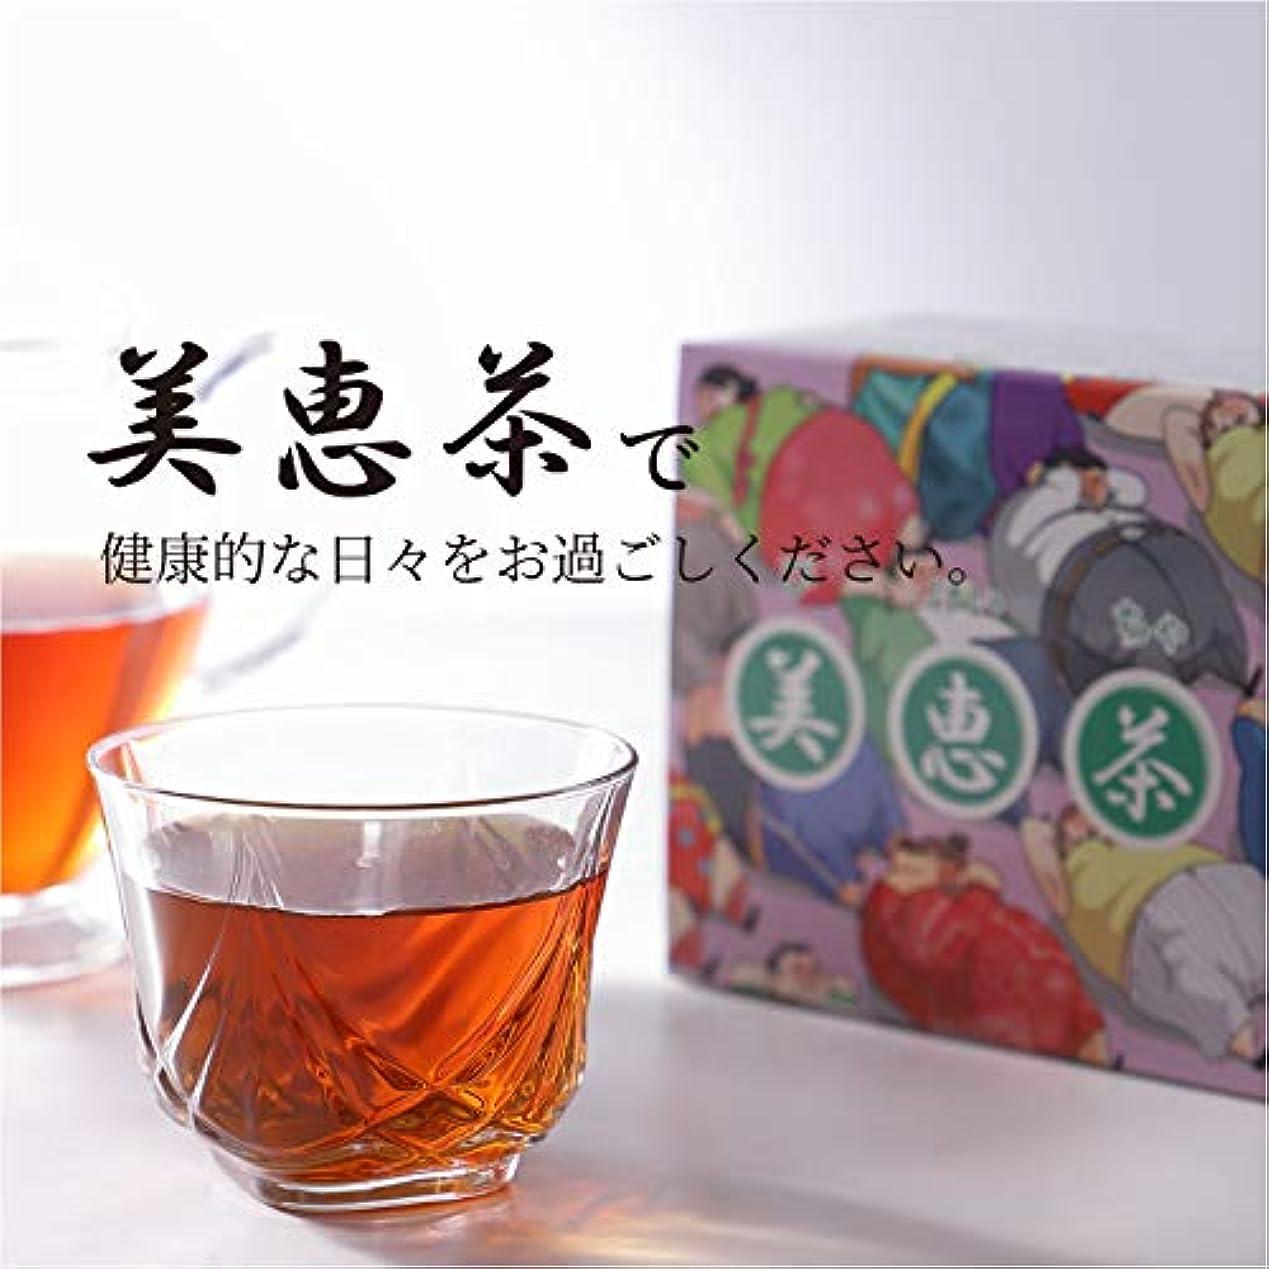 召喚する株式会社感謝祭美恵茶